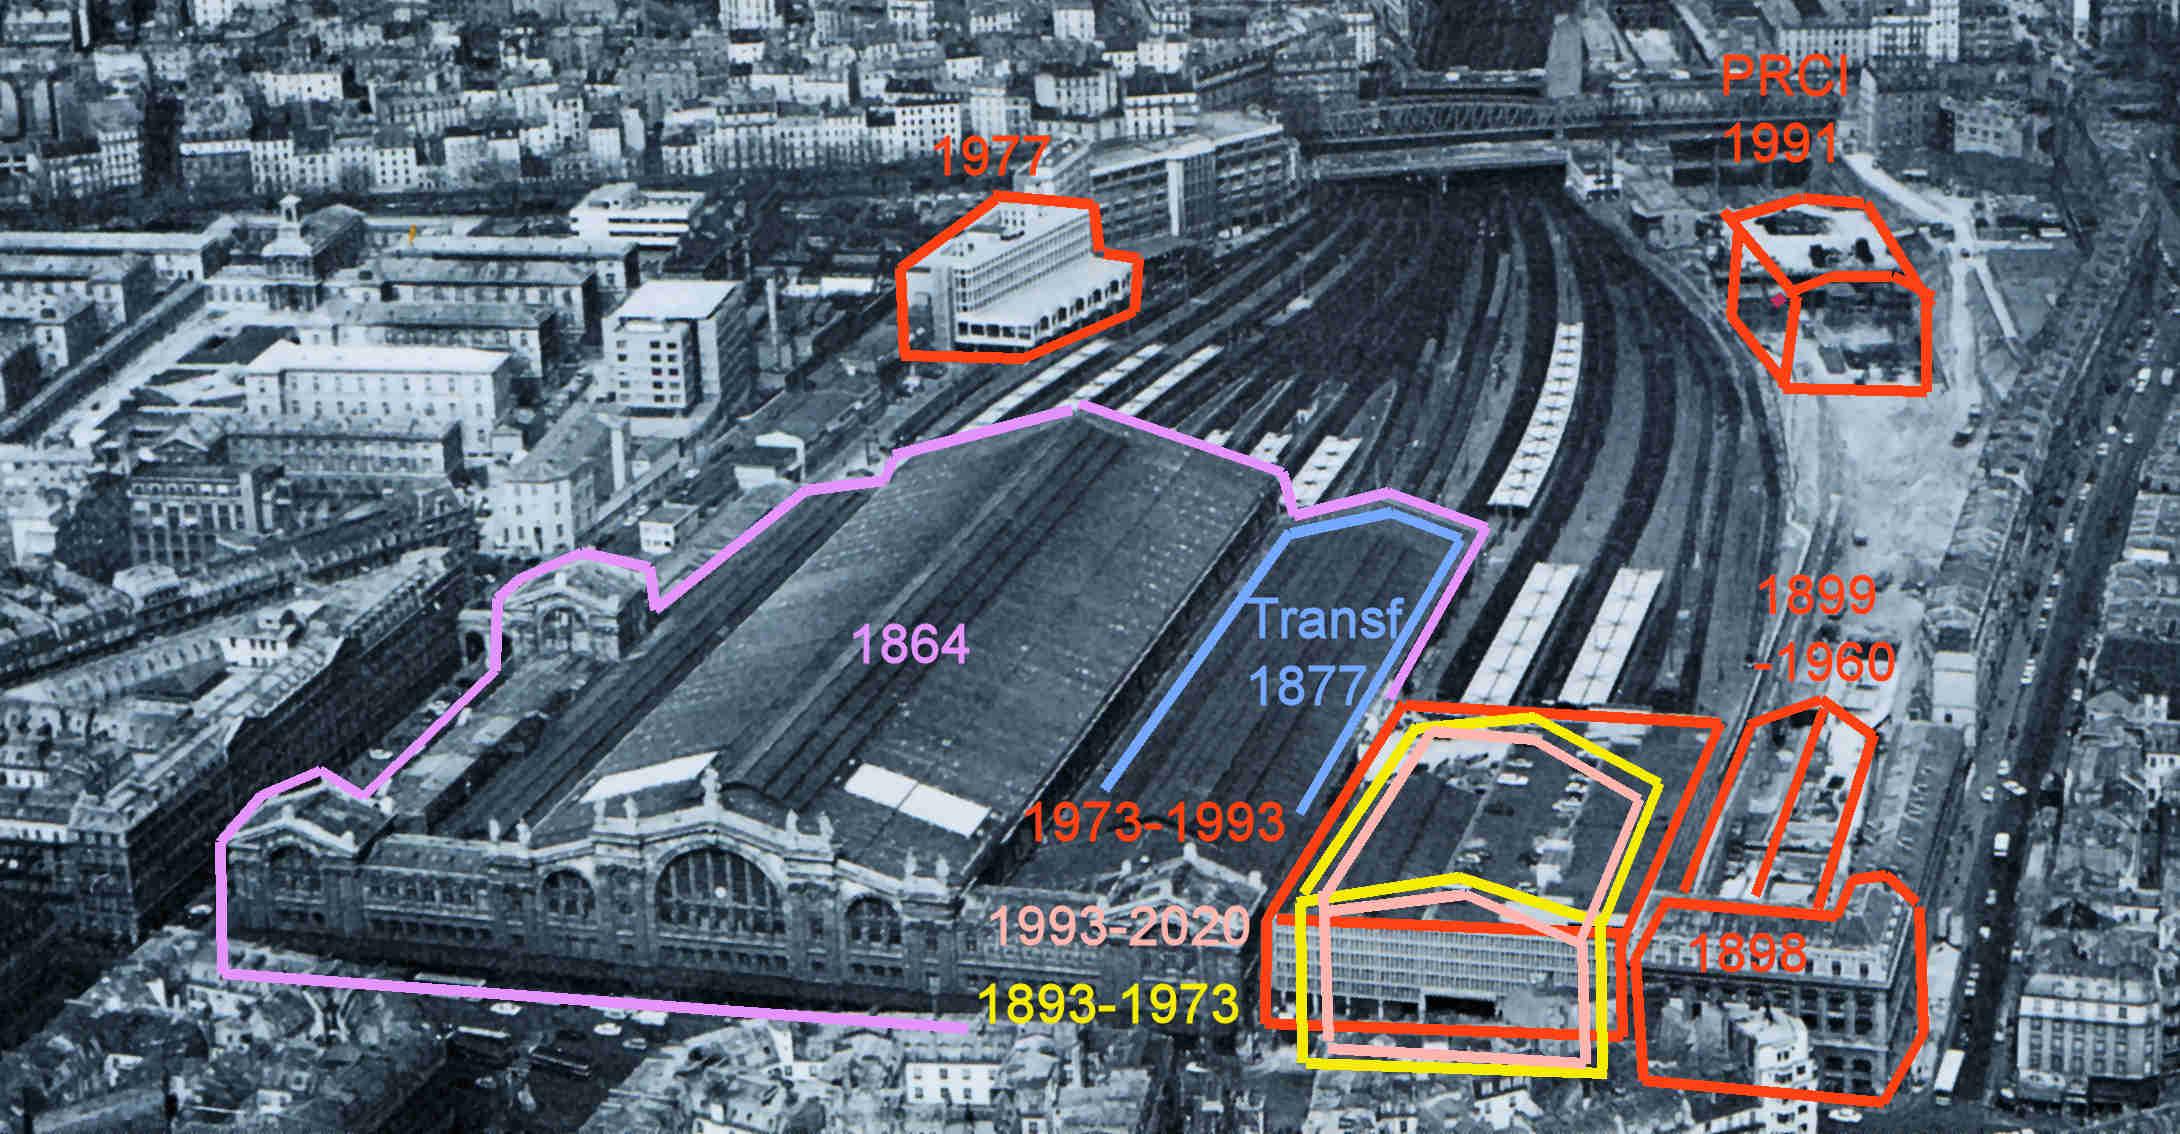 La gare du Nord: monument historique mais grande gare européenne. – Train  Consultant Clive Lamming